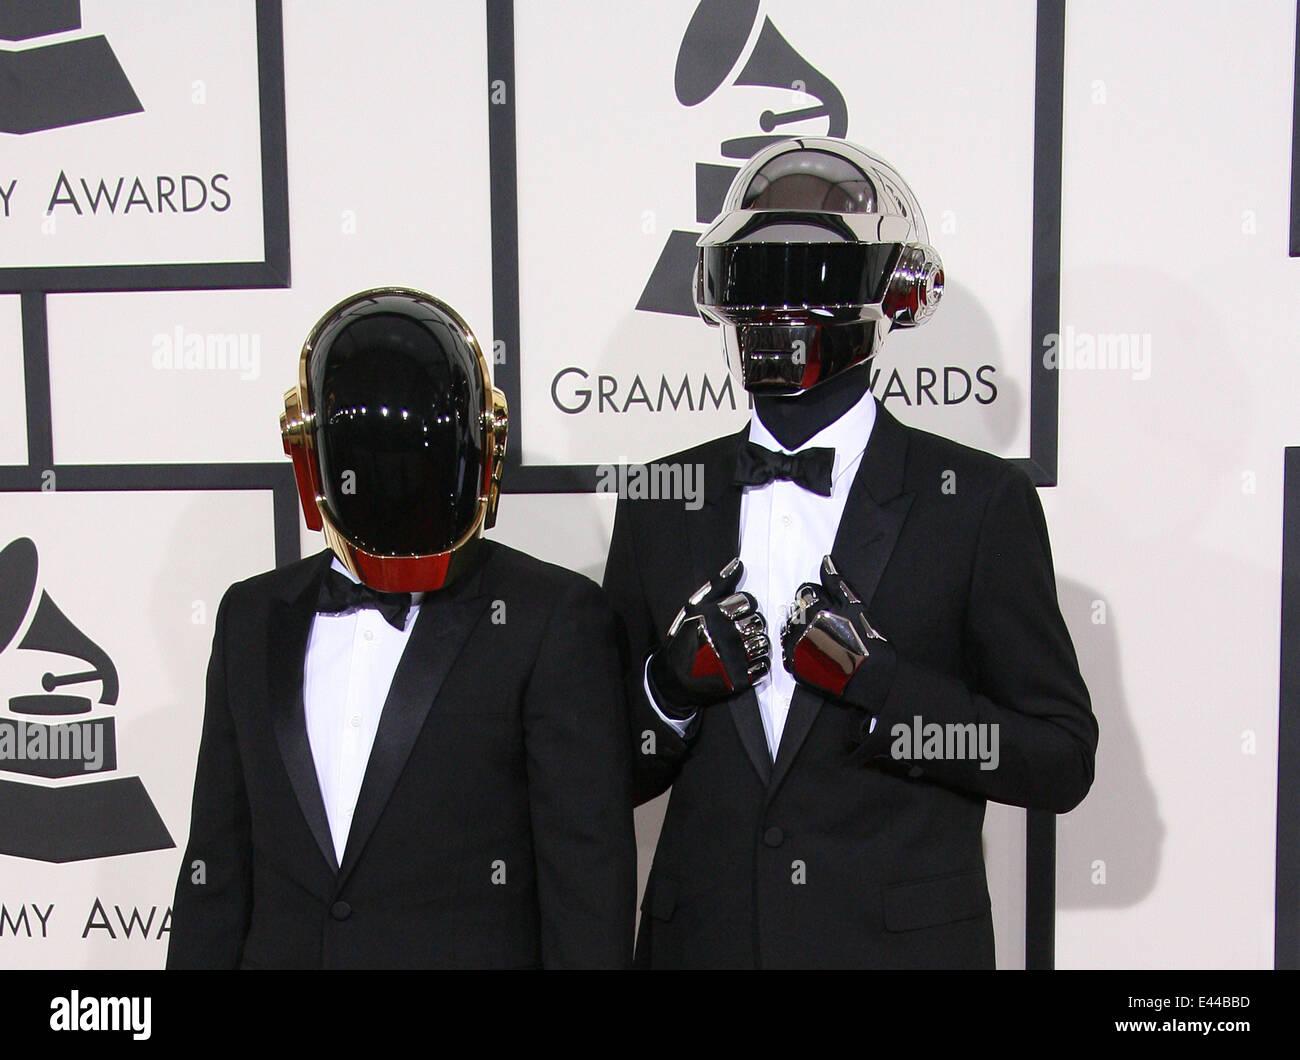 La 56e cérémonie annuelle de remise des prix Grammy (2014) qui a eu lieu au Staples Center de Los Angeles, Photo Stock